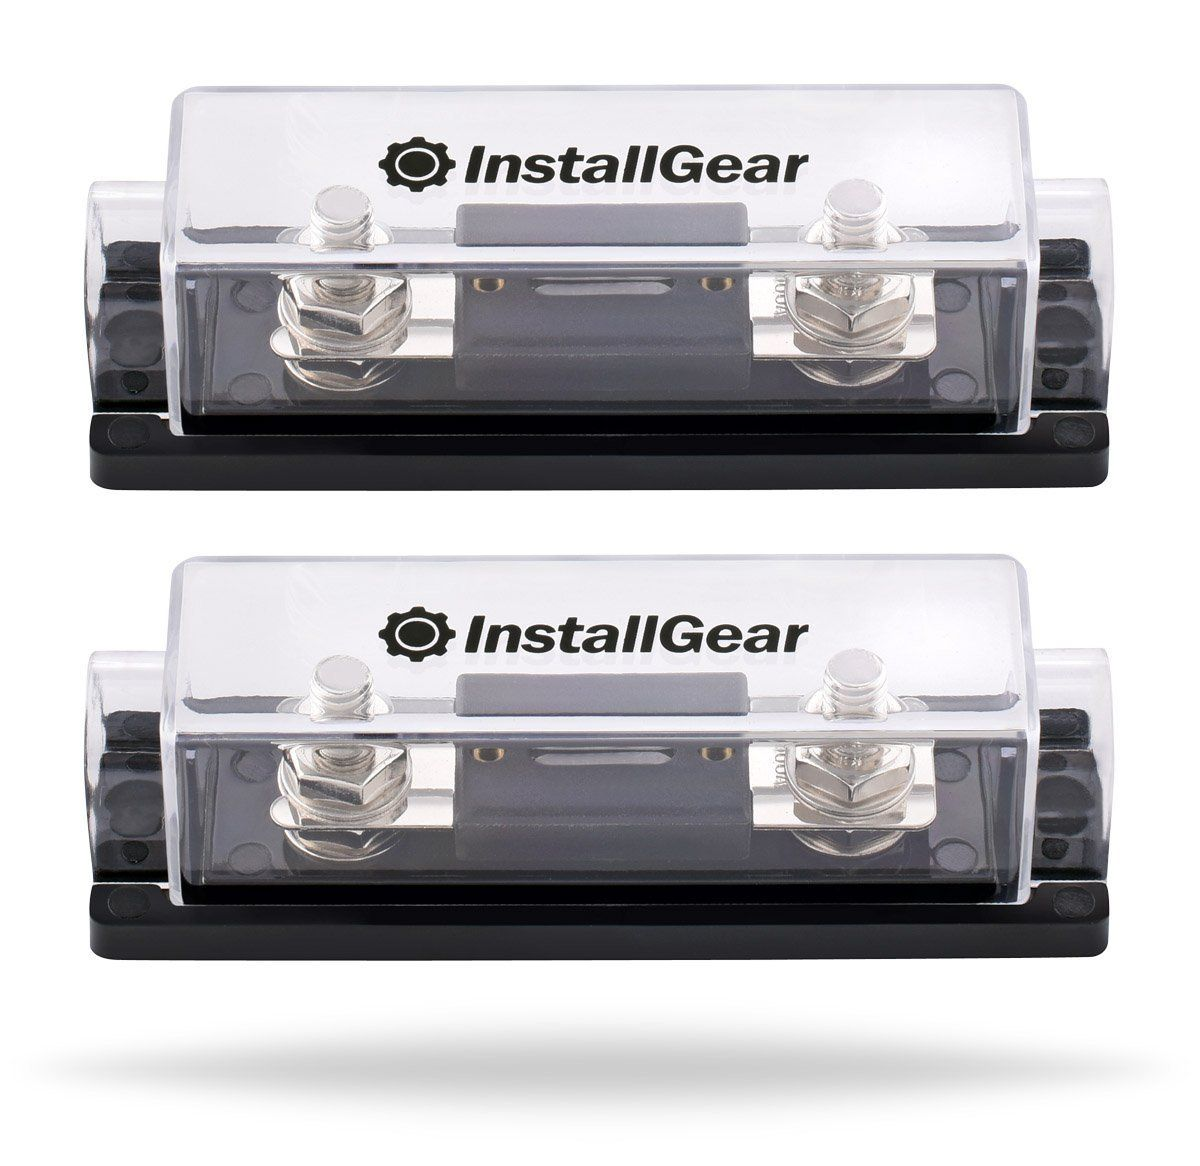 hight resolution of installgear 0 2 4 gauge ga anl fuse holder 100 amp anl fuses 2 pack